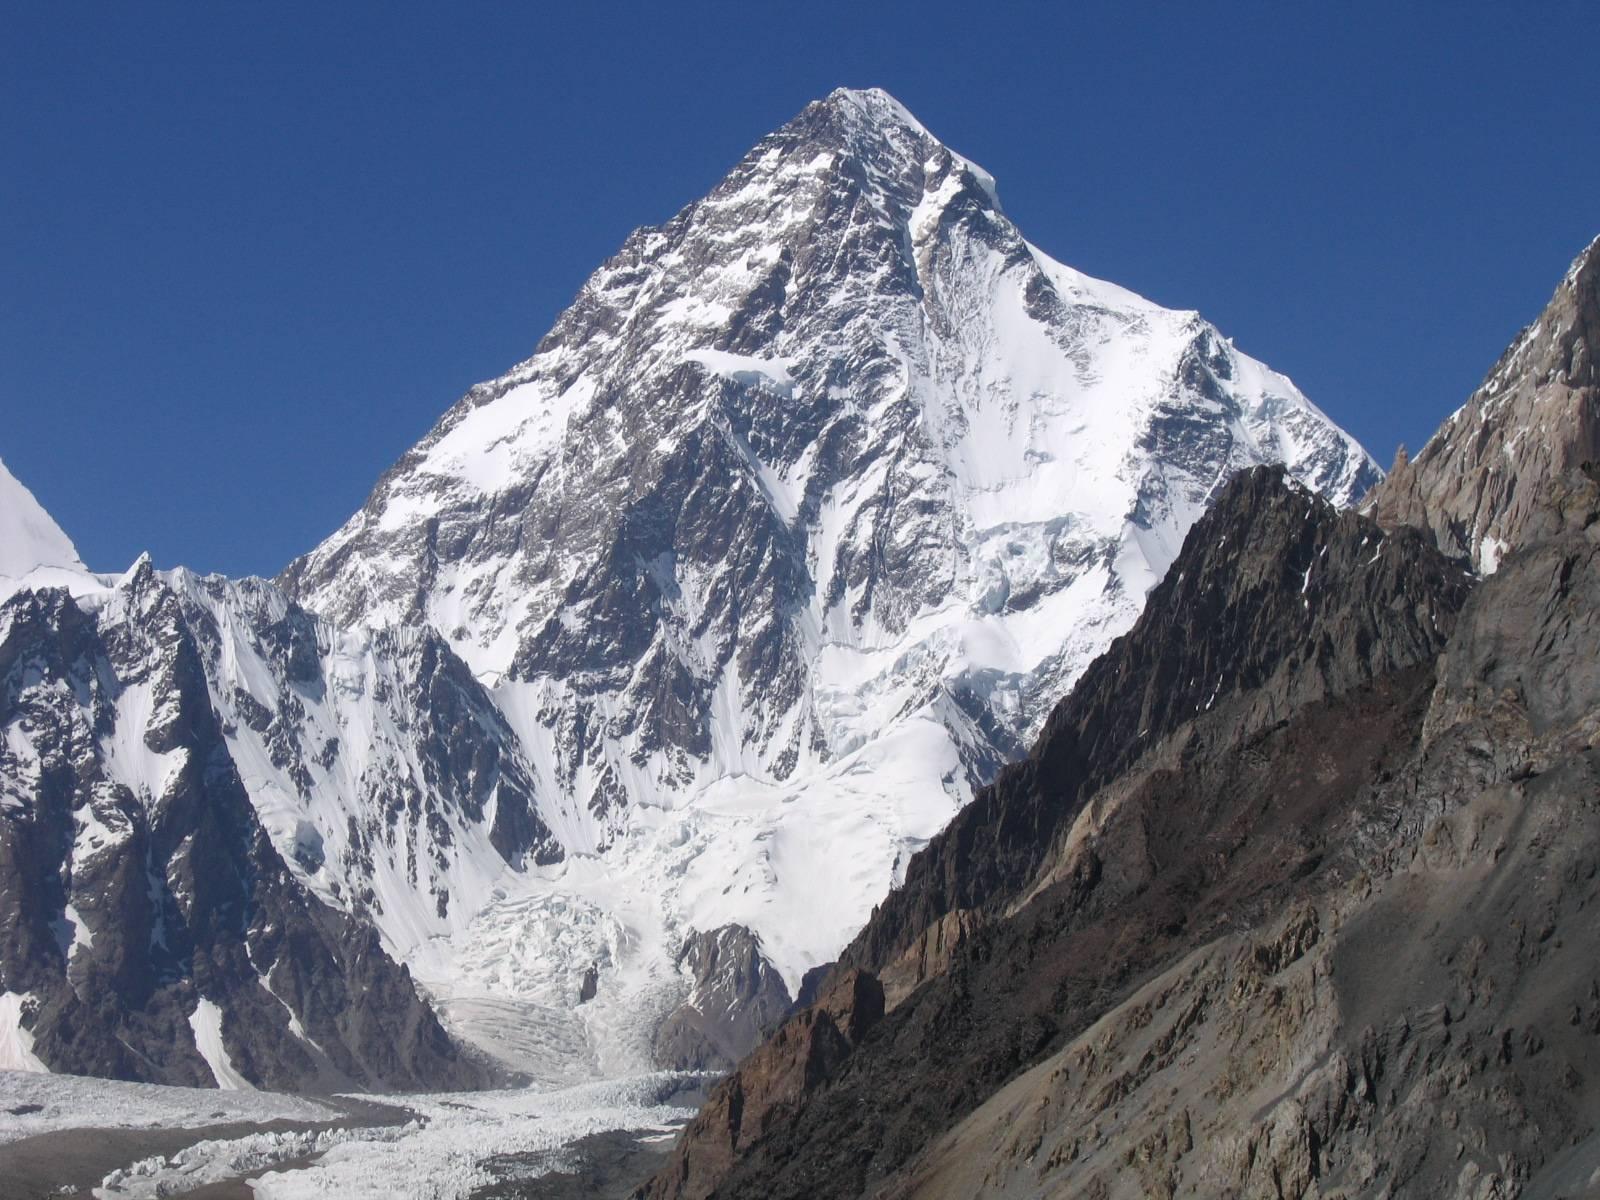 Ne všichni, co si objednávají K2, hodlají zavítat do pohoříKarákóram. (Kredit: svy123, CC BY 3.0 Wikipedia)